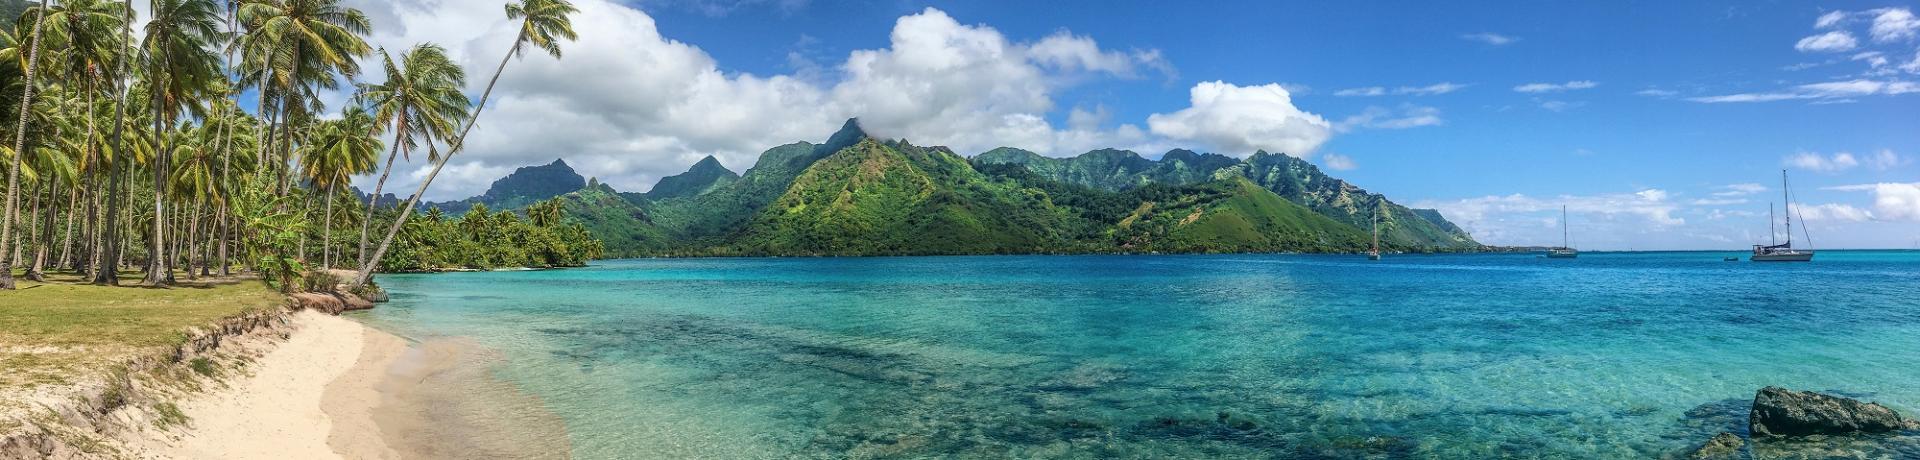 Tahiti-Moorea Emotion